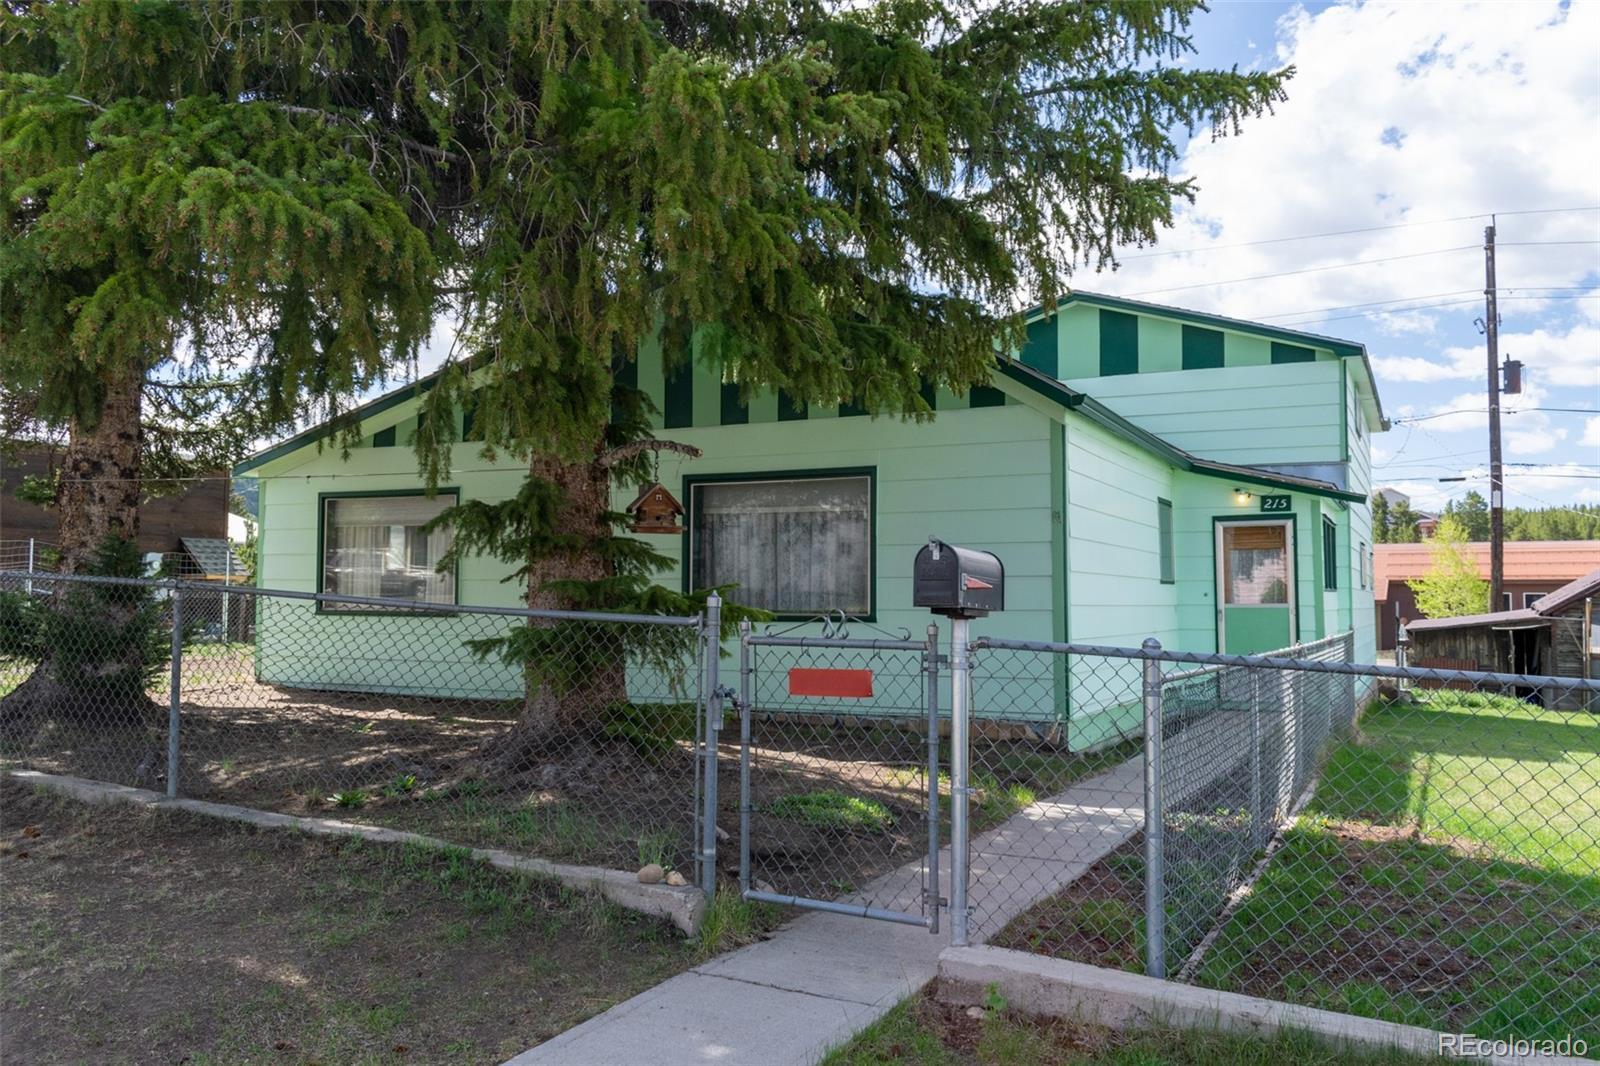 MLS# 6281349 - 1 - 215 W Elm Street, Leadville, CO 80461